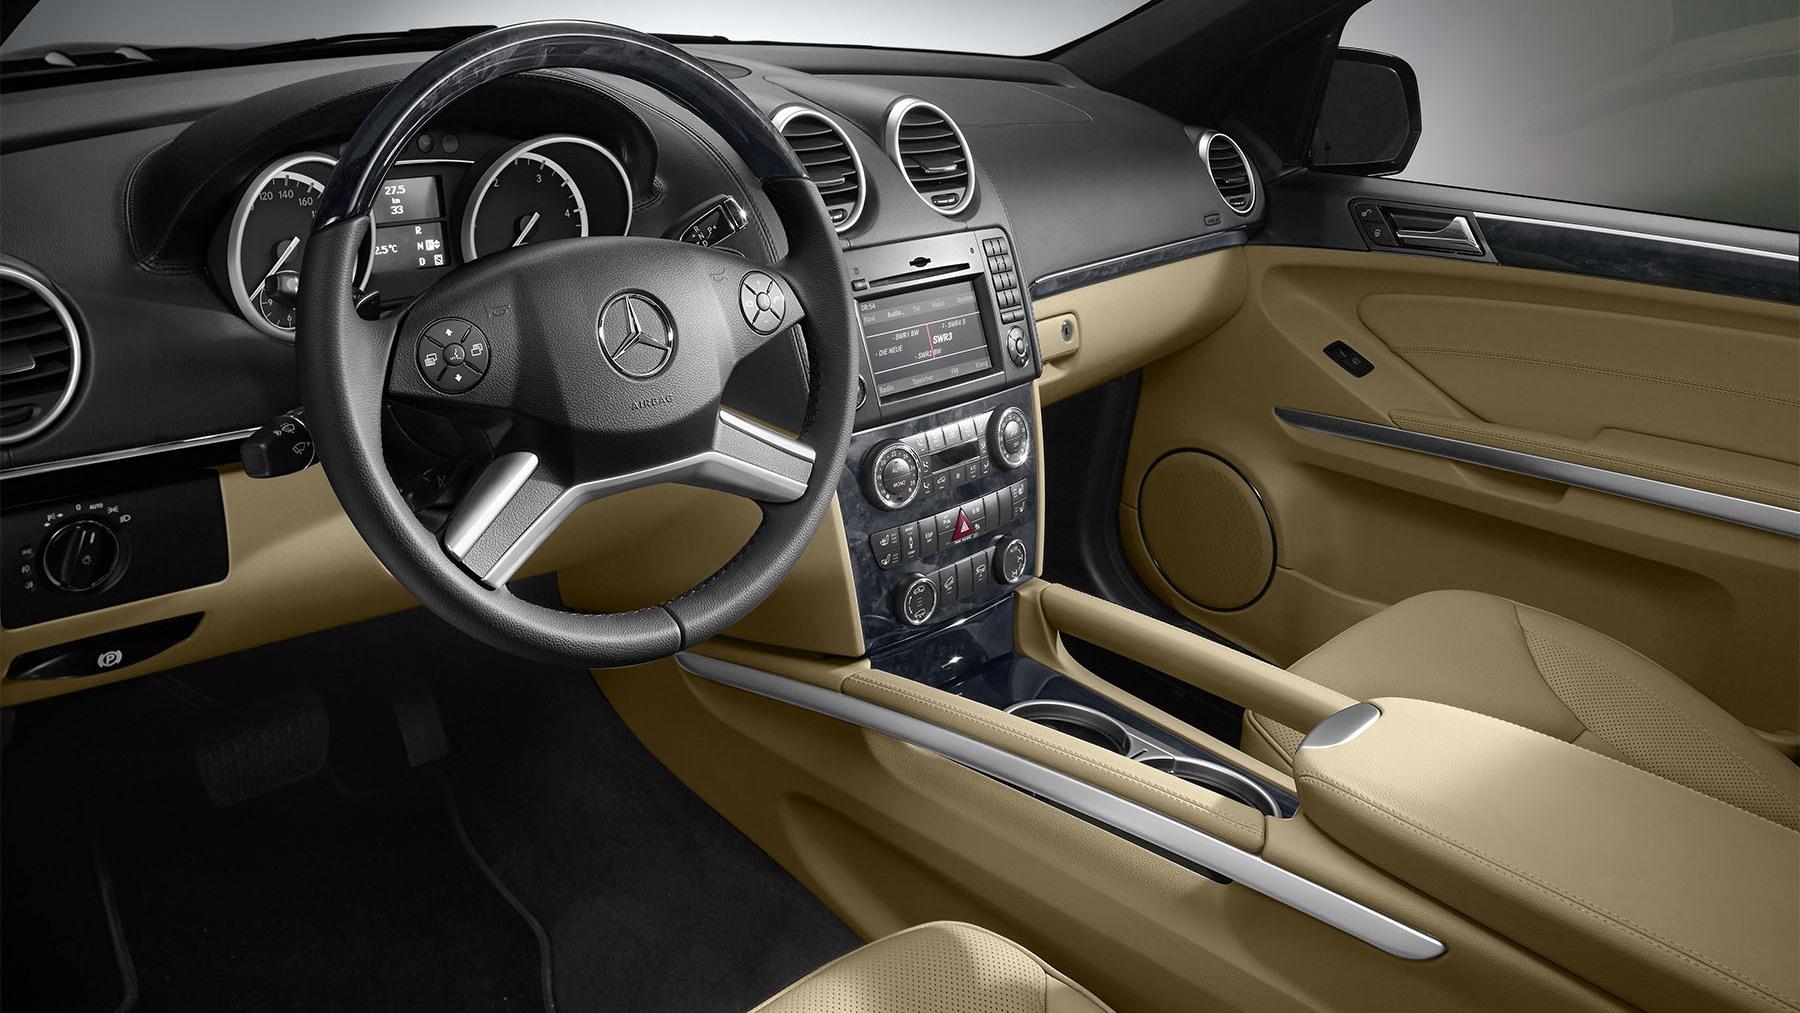 2010 mercedes benz gl class facelift 001